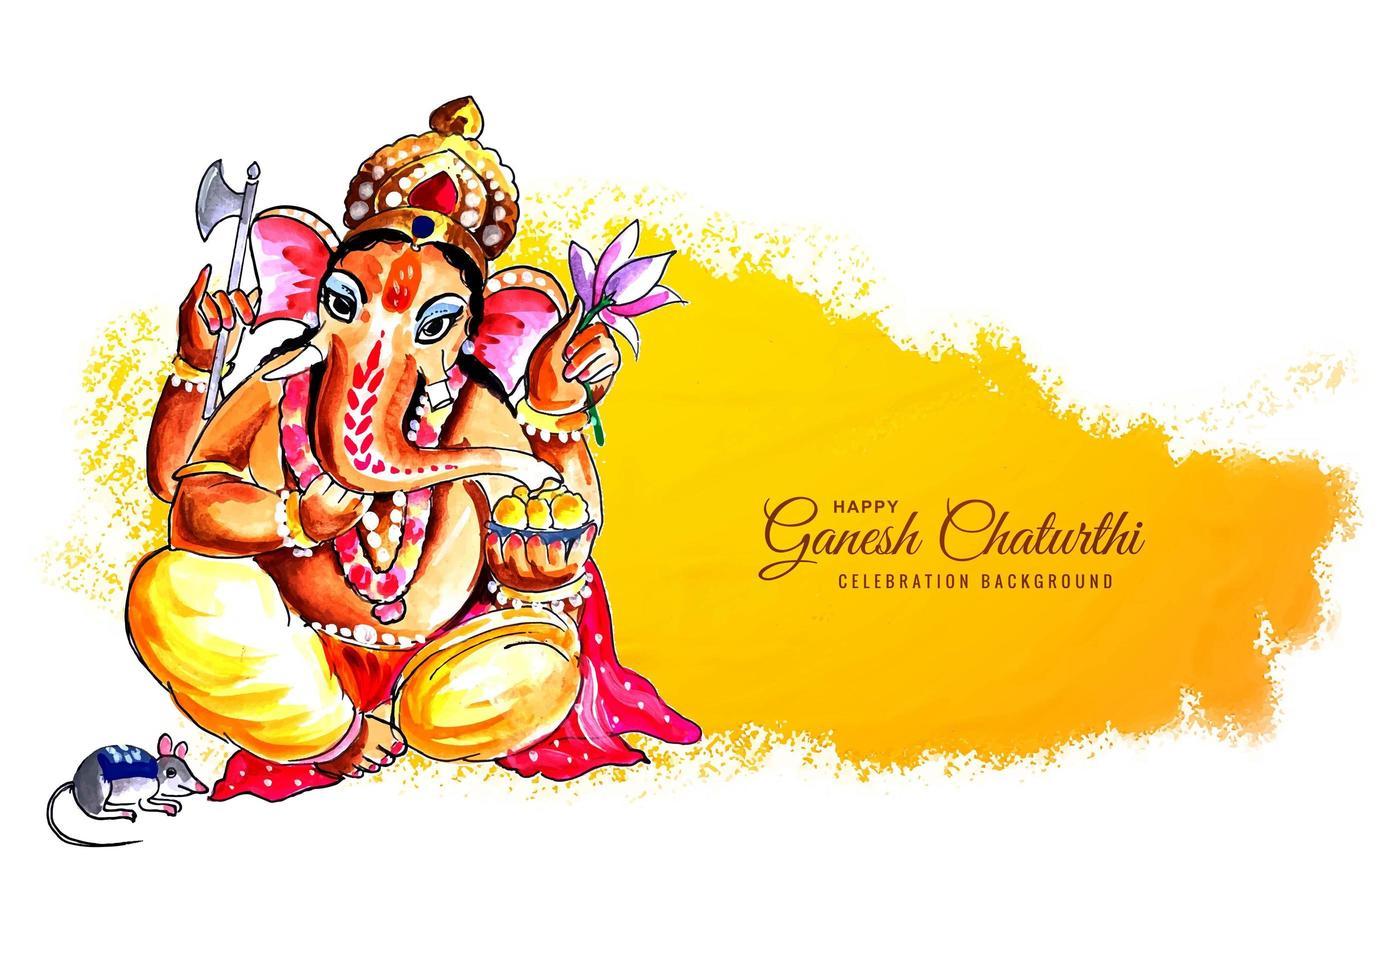 feliz ganesh chaturthi para el fondo del festival indio vector